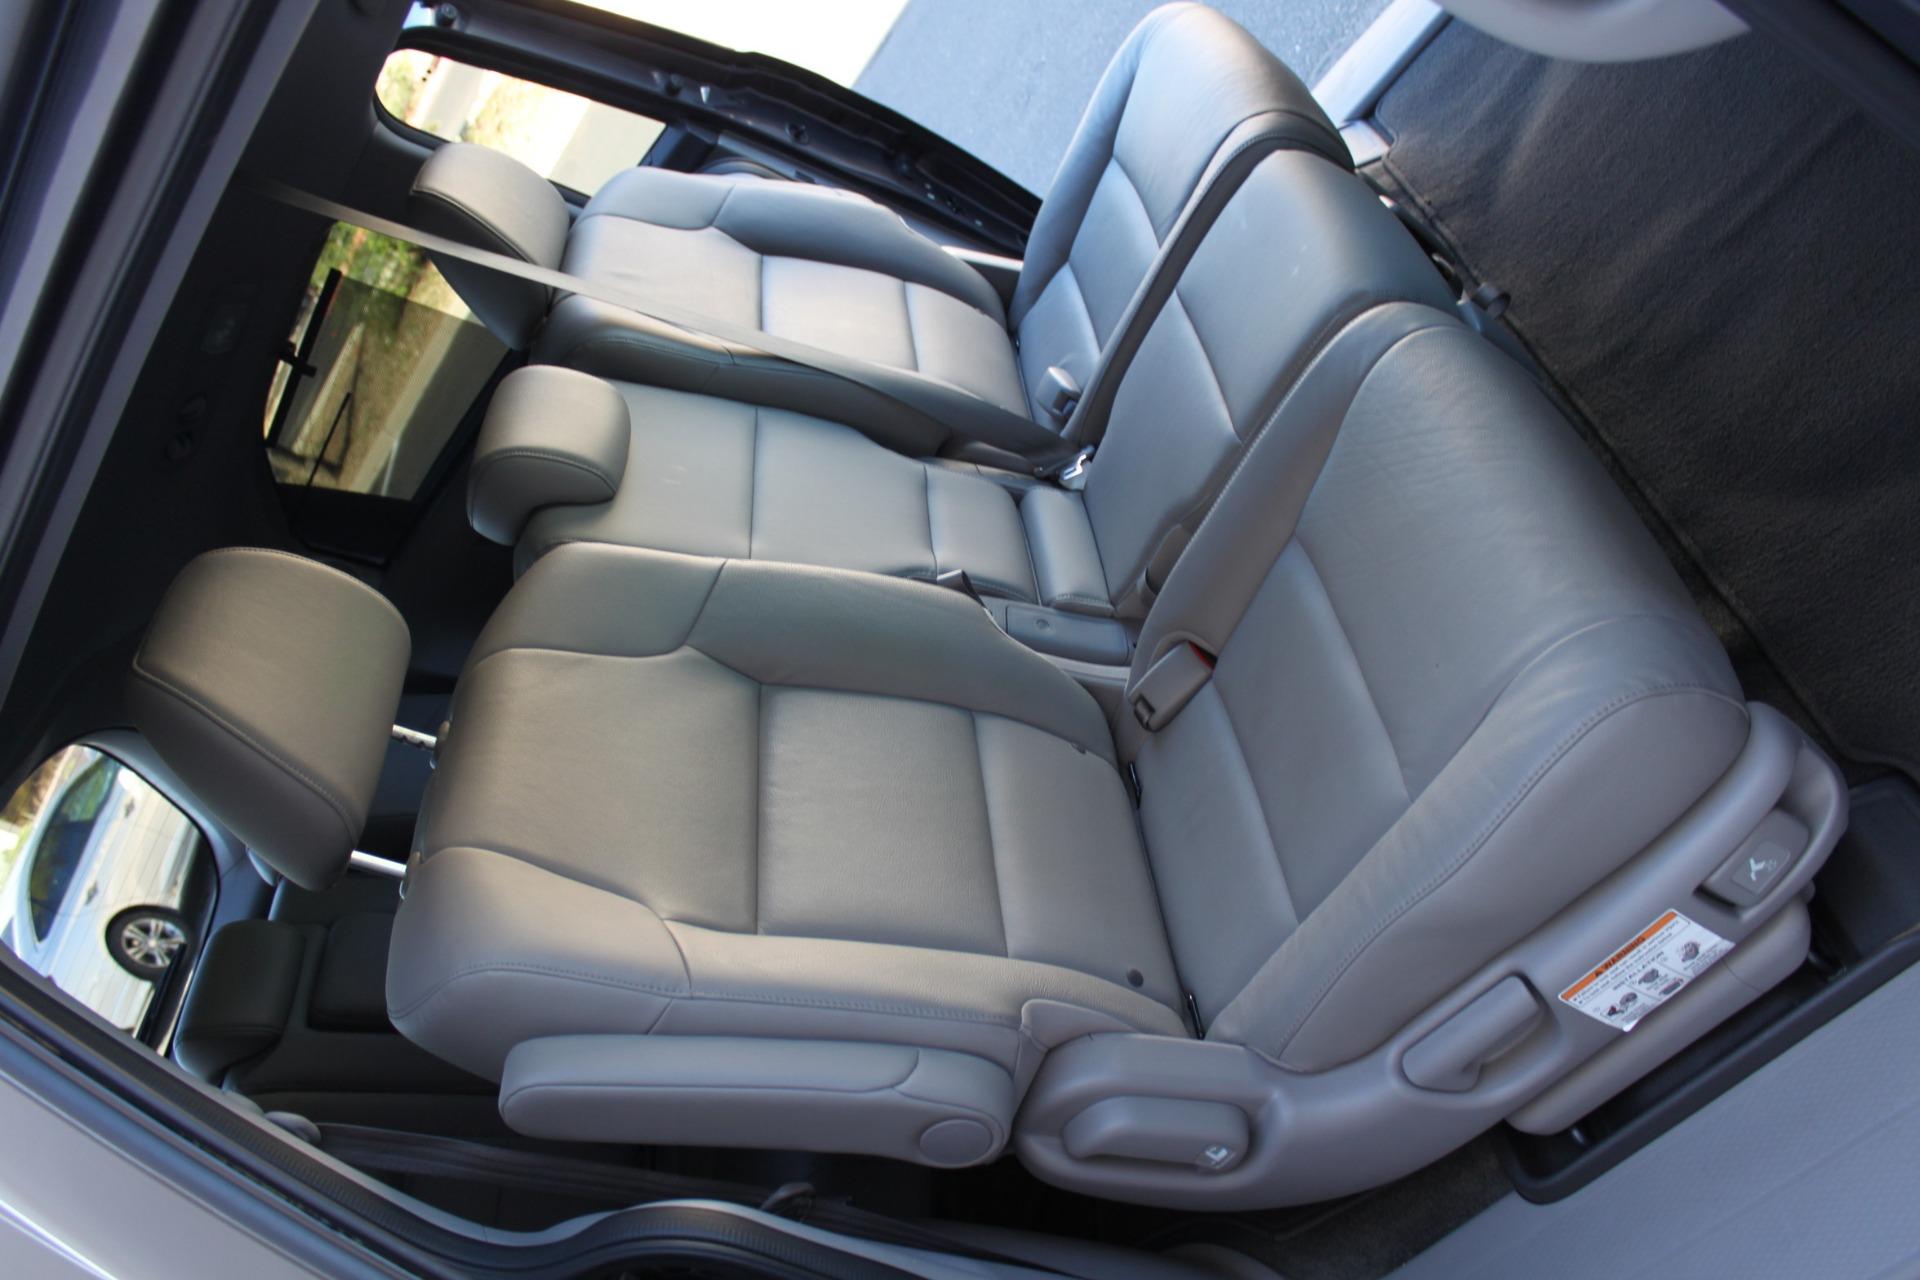 Used-2016-Honda-Odyssey-Touring-Elite-Dodge